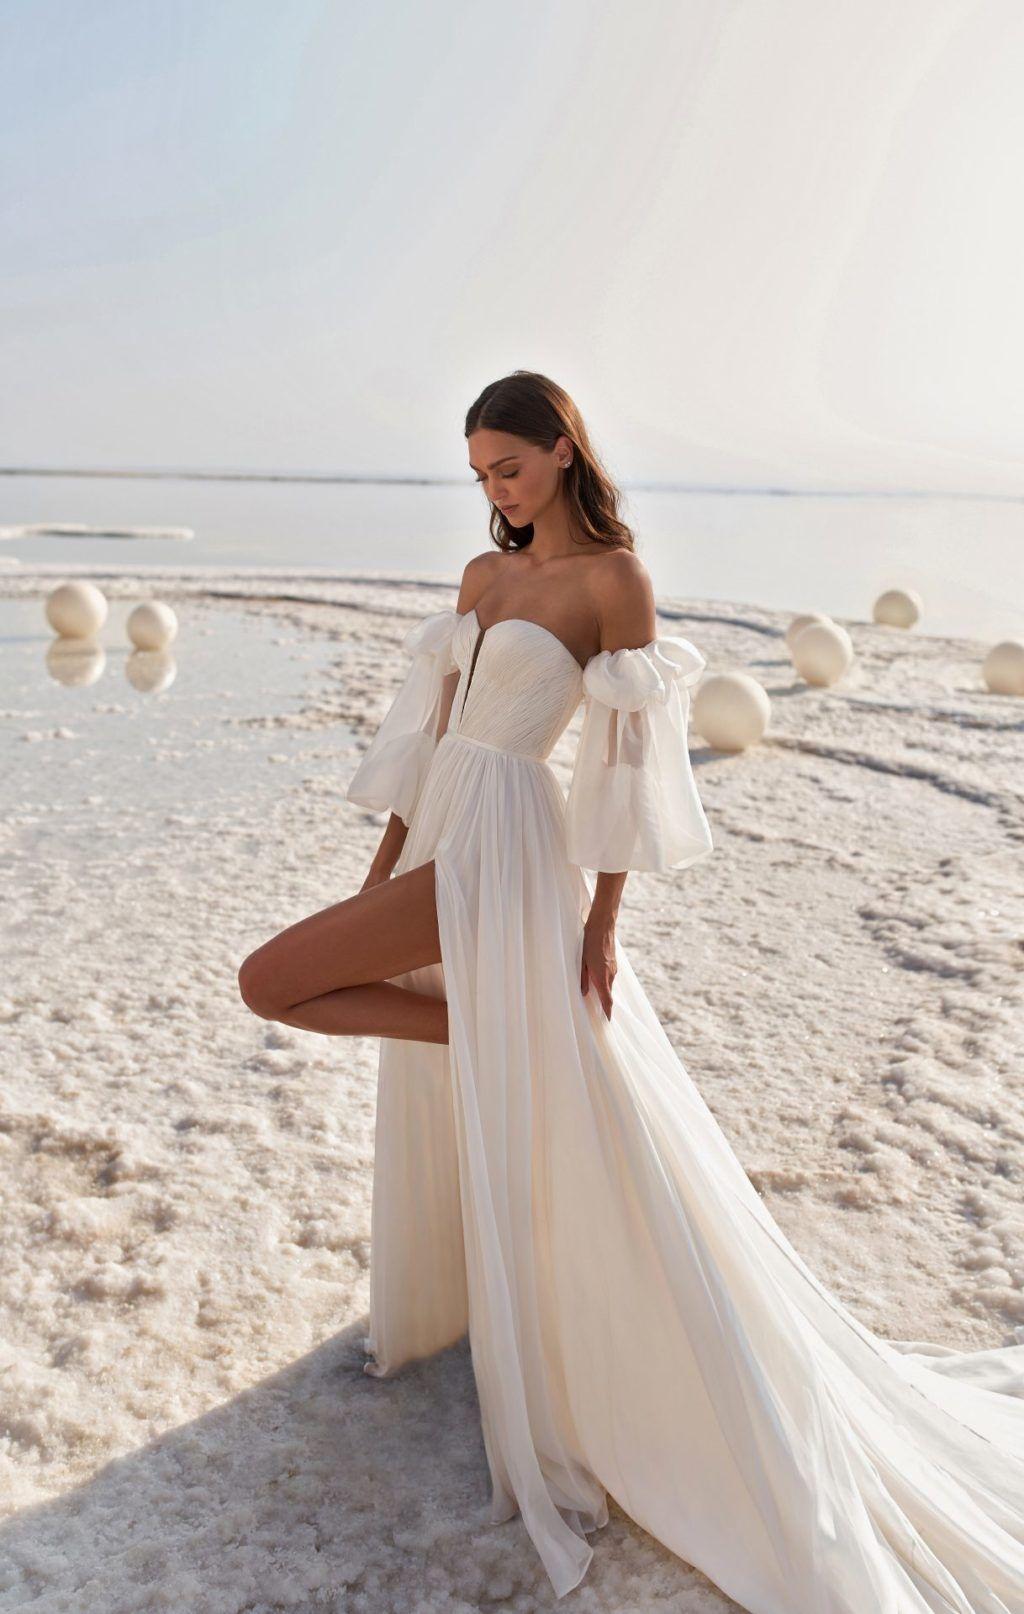 Simple Wedding Dress Design 2020 Addicfashion